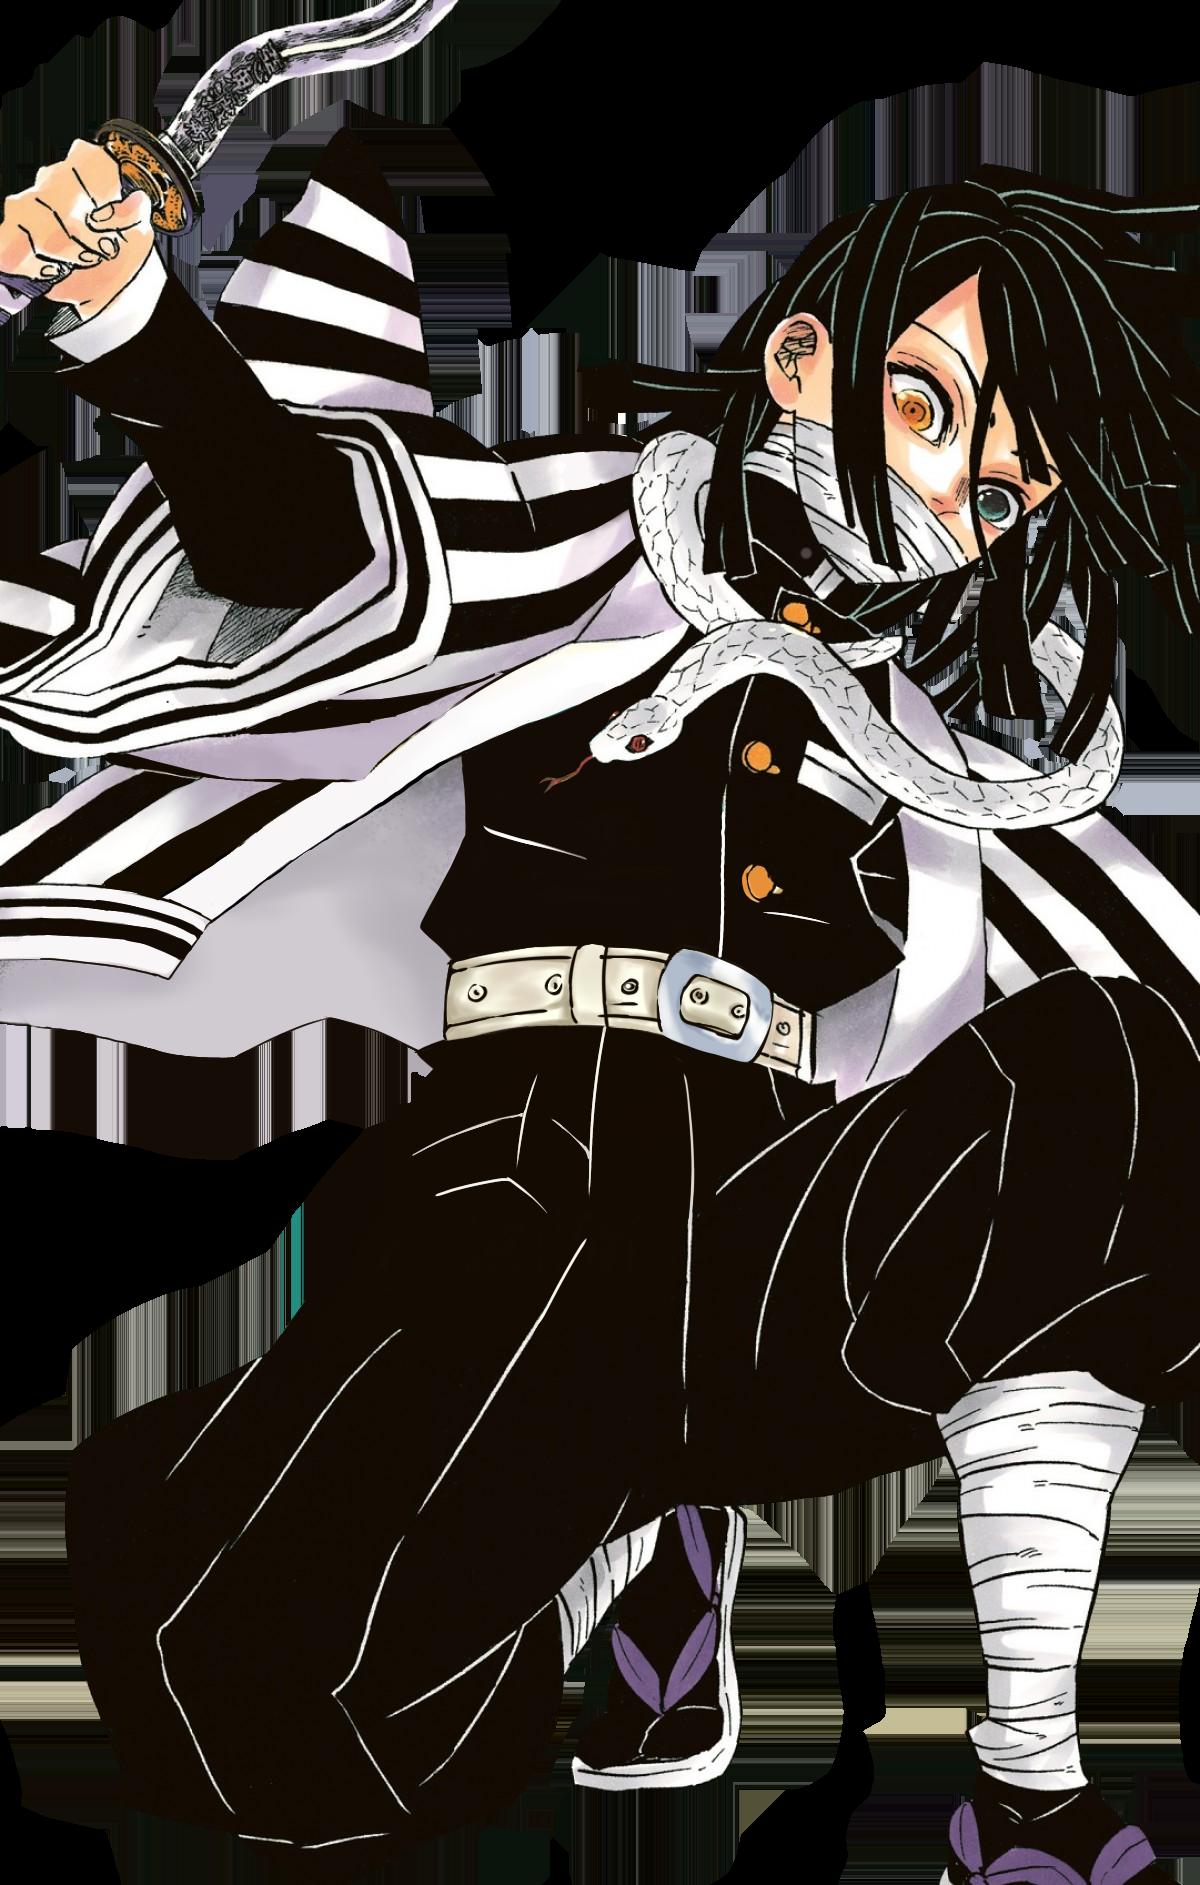 Obanai Iguro Kimetsu No Yaiba Wikia Fandom Obanai is deeply in love with mitsuri, as he has stated in the manga. obanai iguro kimetsu no yaiba wikia